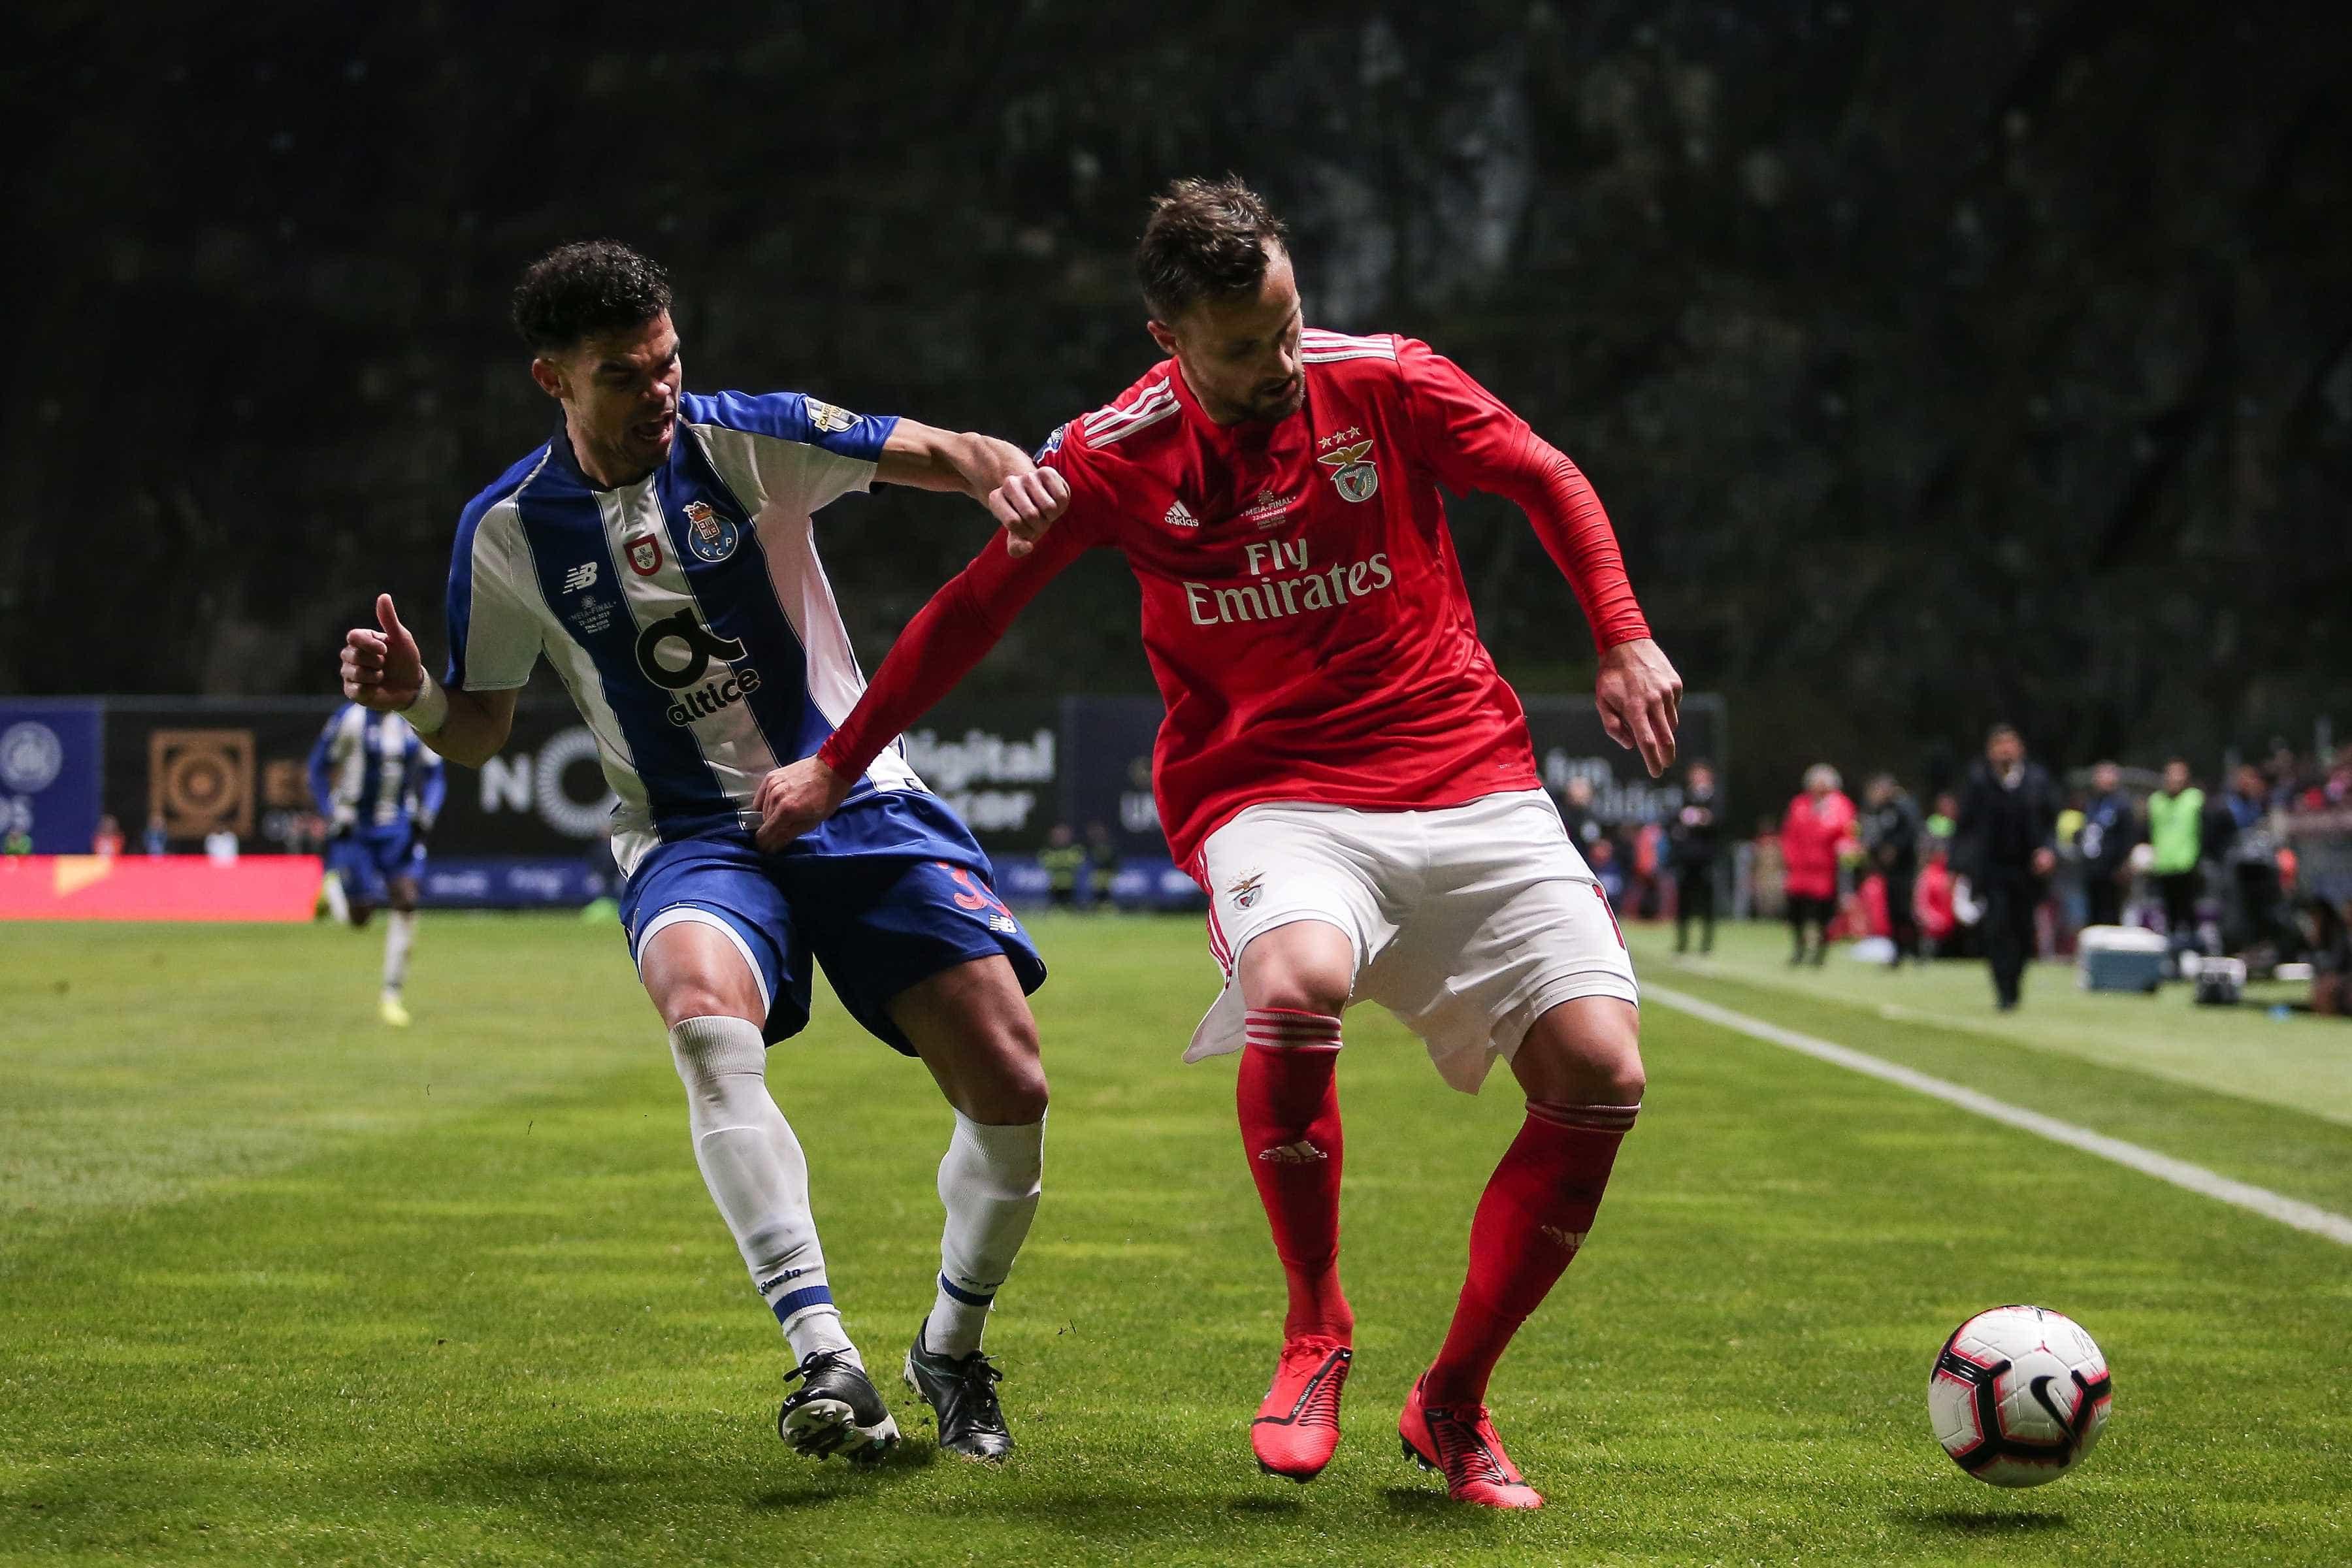 Benfica dispara 10% em bolsa após vitória contra o FC Porto